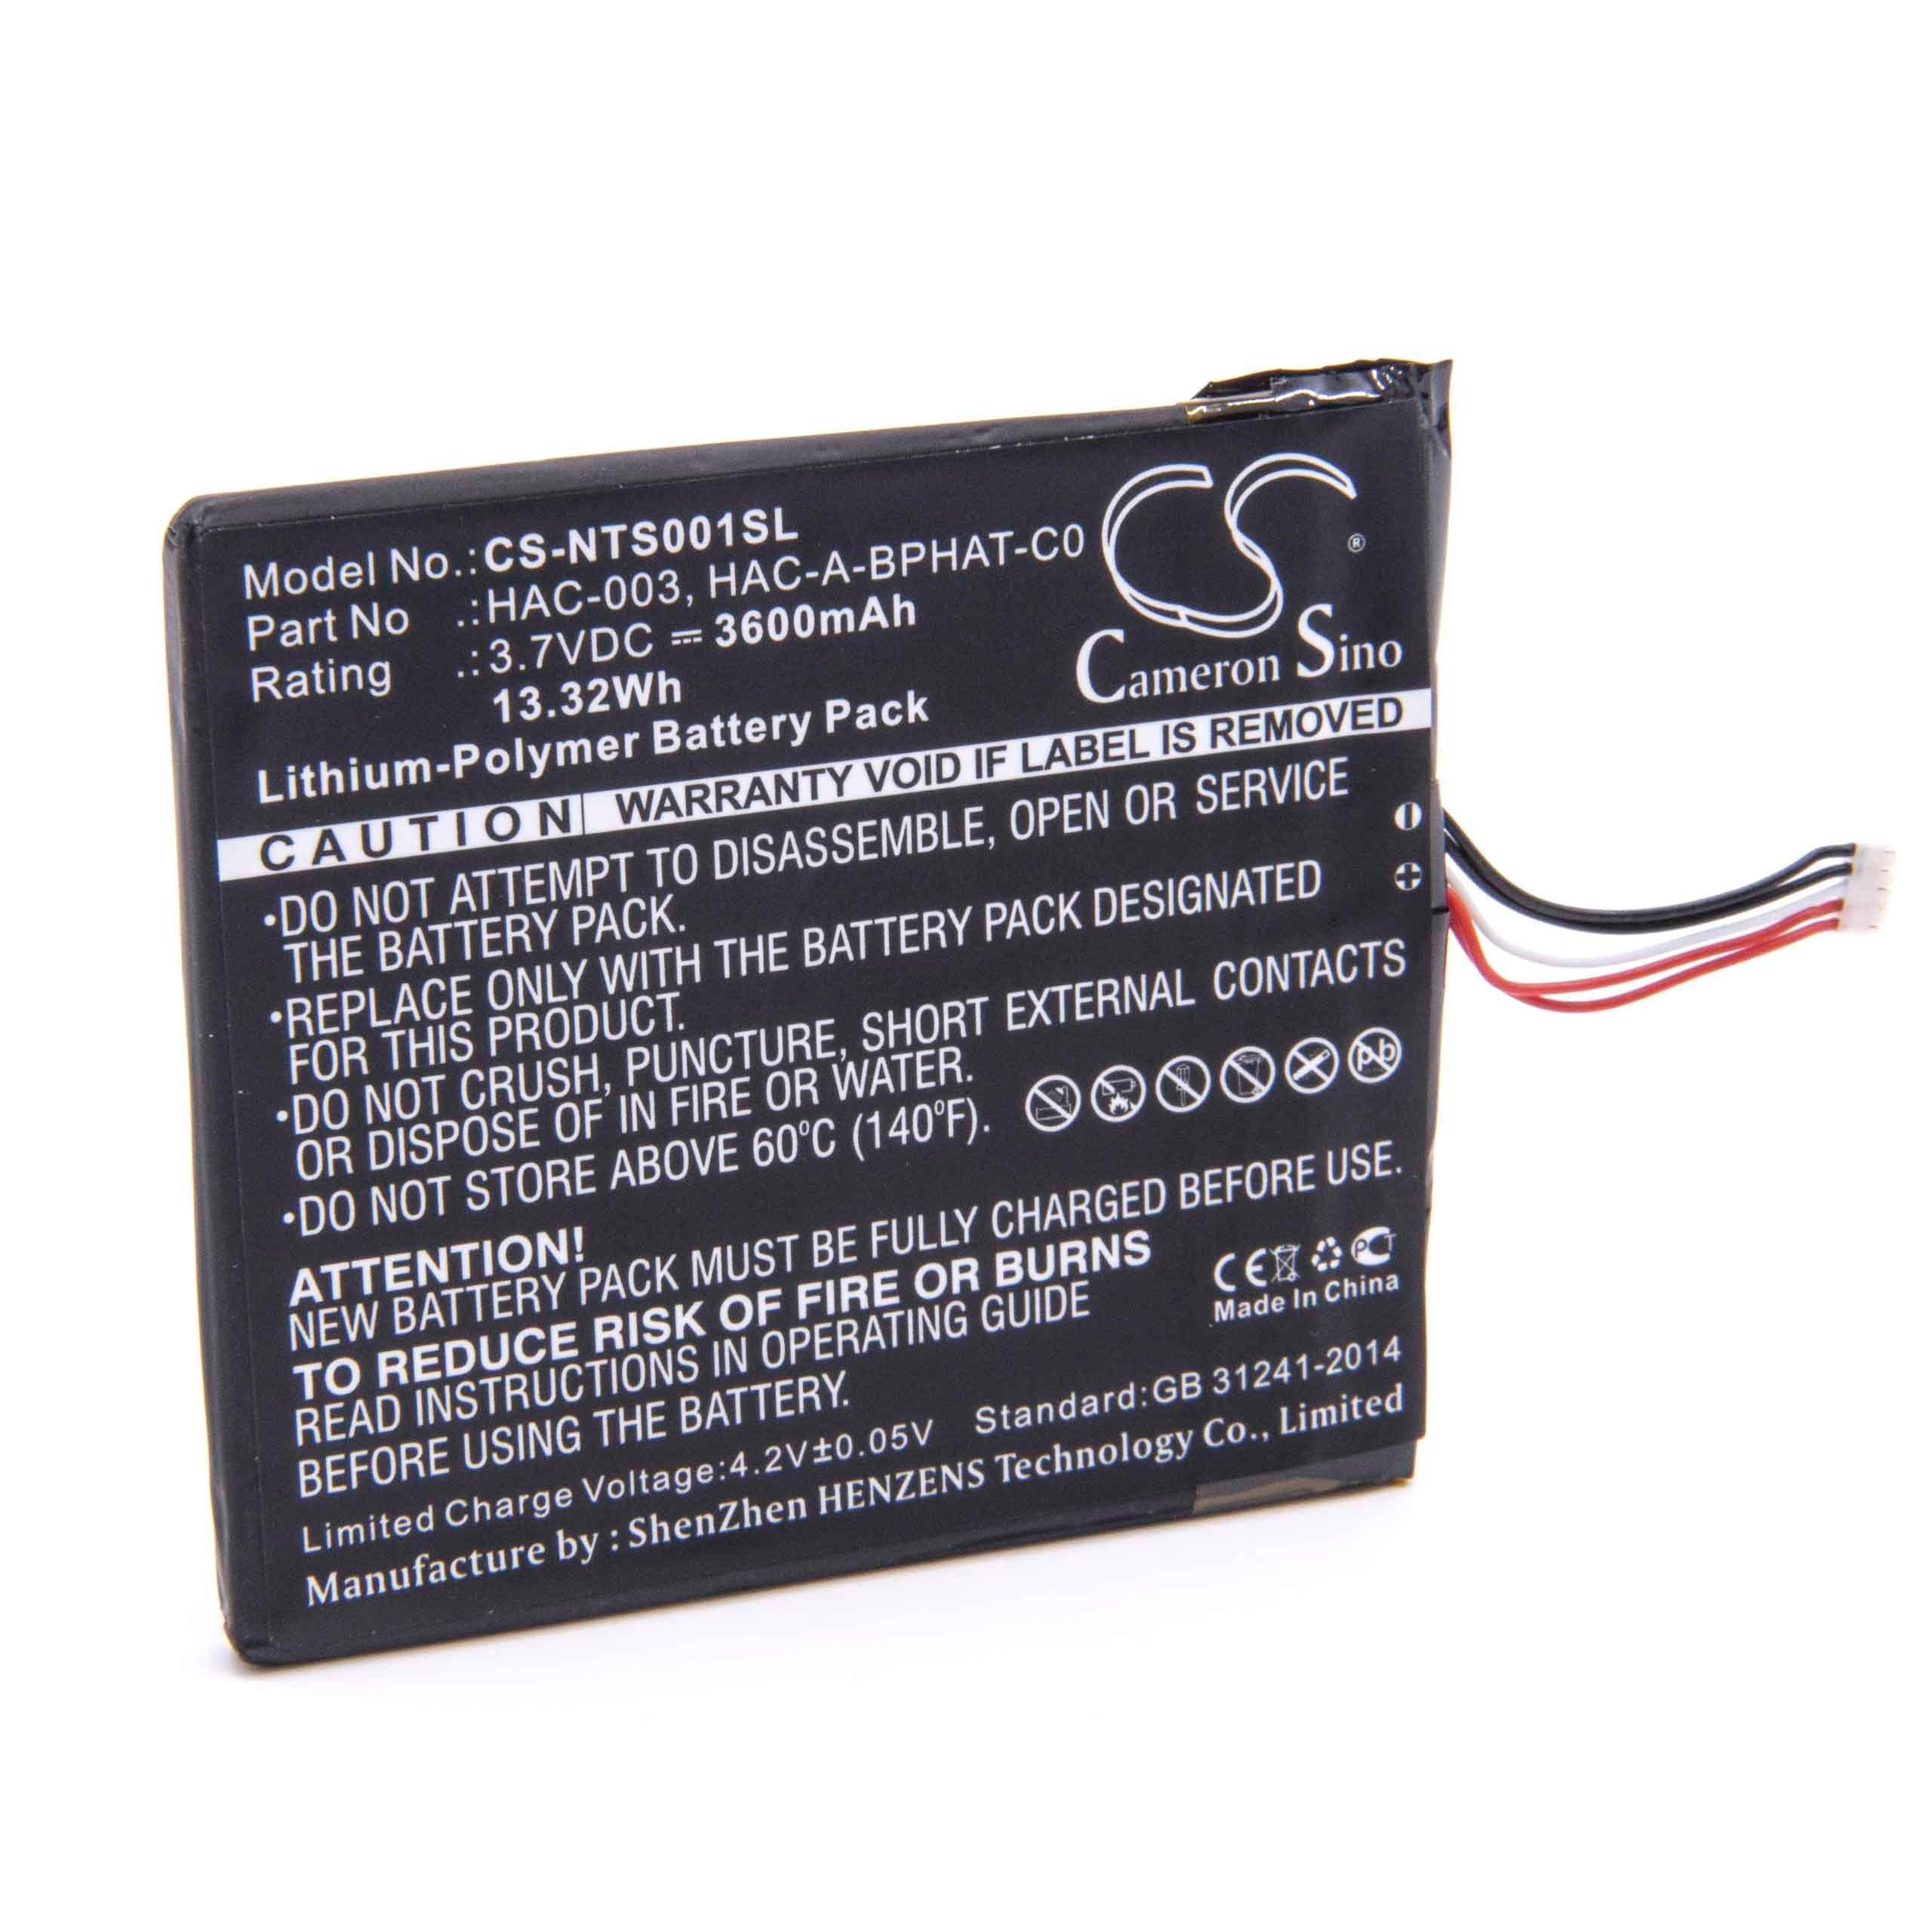 vhbw litio polímero batería 3600mAh (3.7V) para consola Nintendo Switch, HAC-001, HAC-S-JP/EU-C0: Amazon.es: Videojuegos